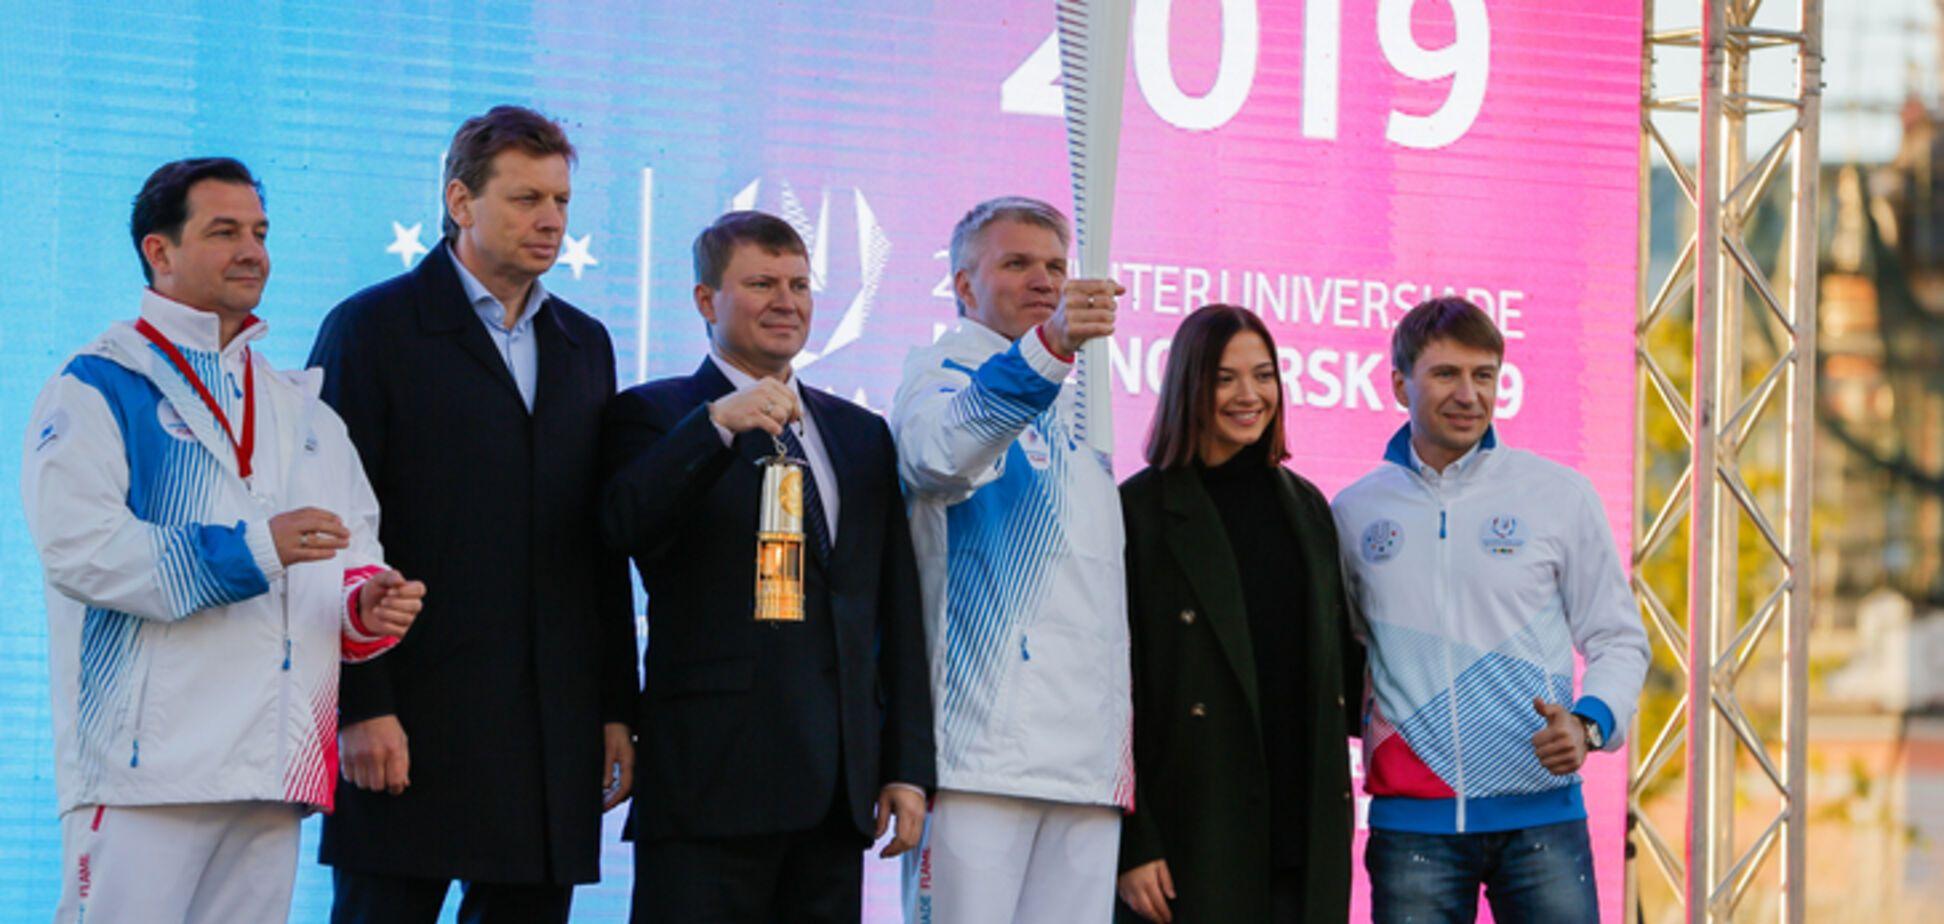 Универсиада в России ознаменовалась международным скандалом